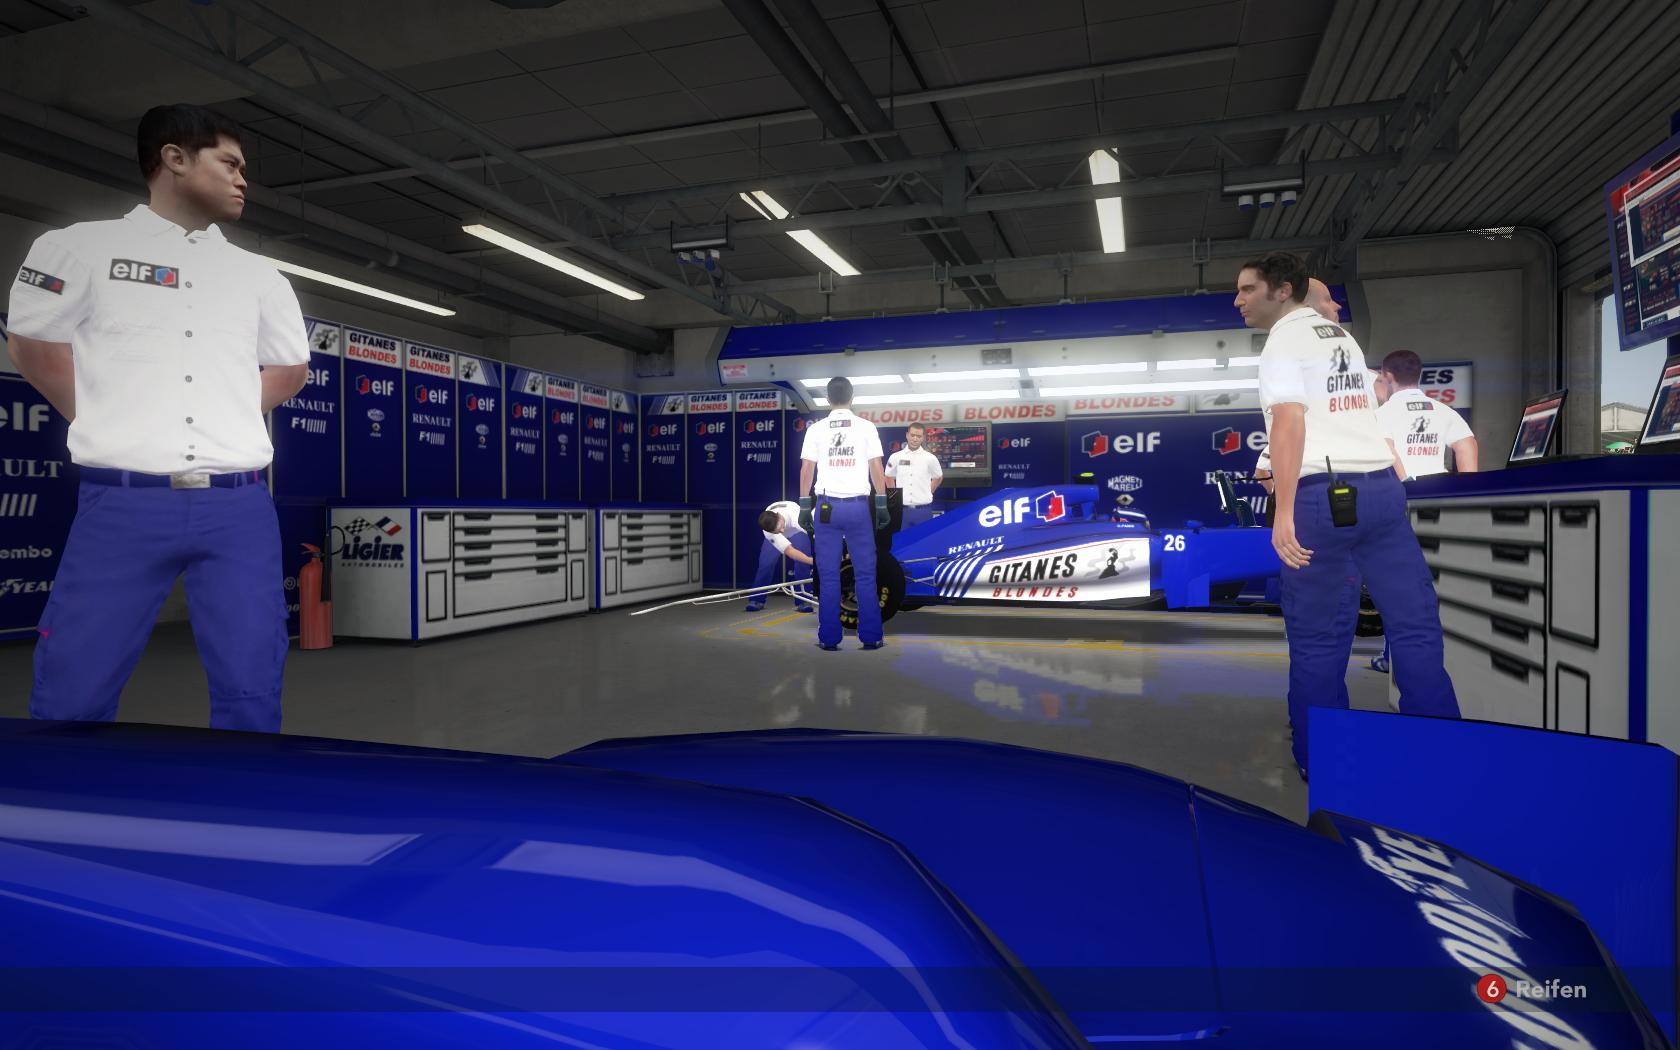 1994-Ligier-garage.jpg